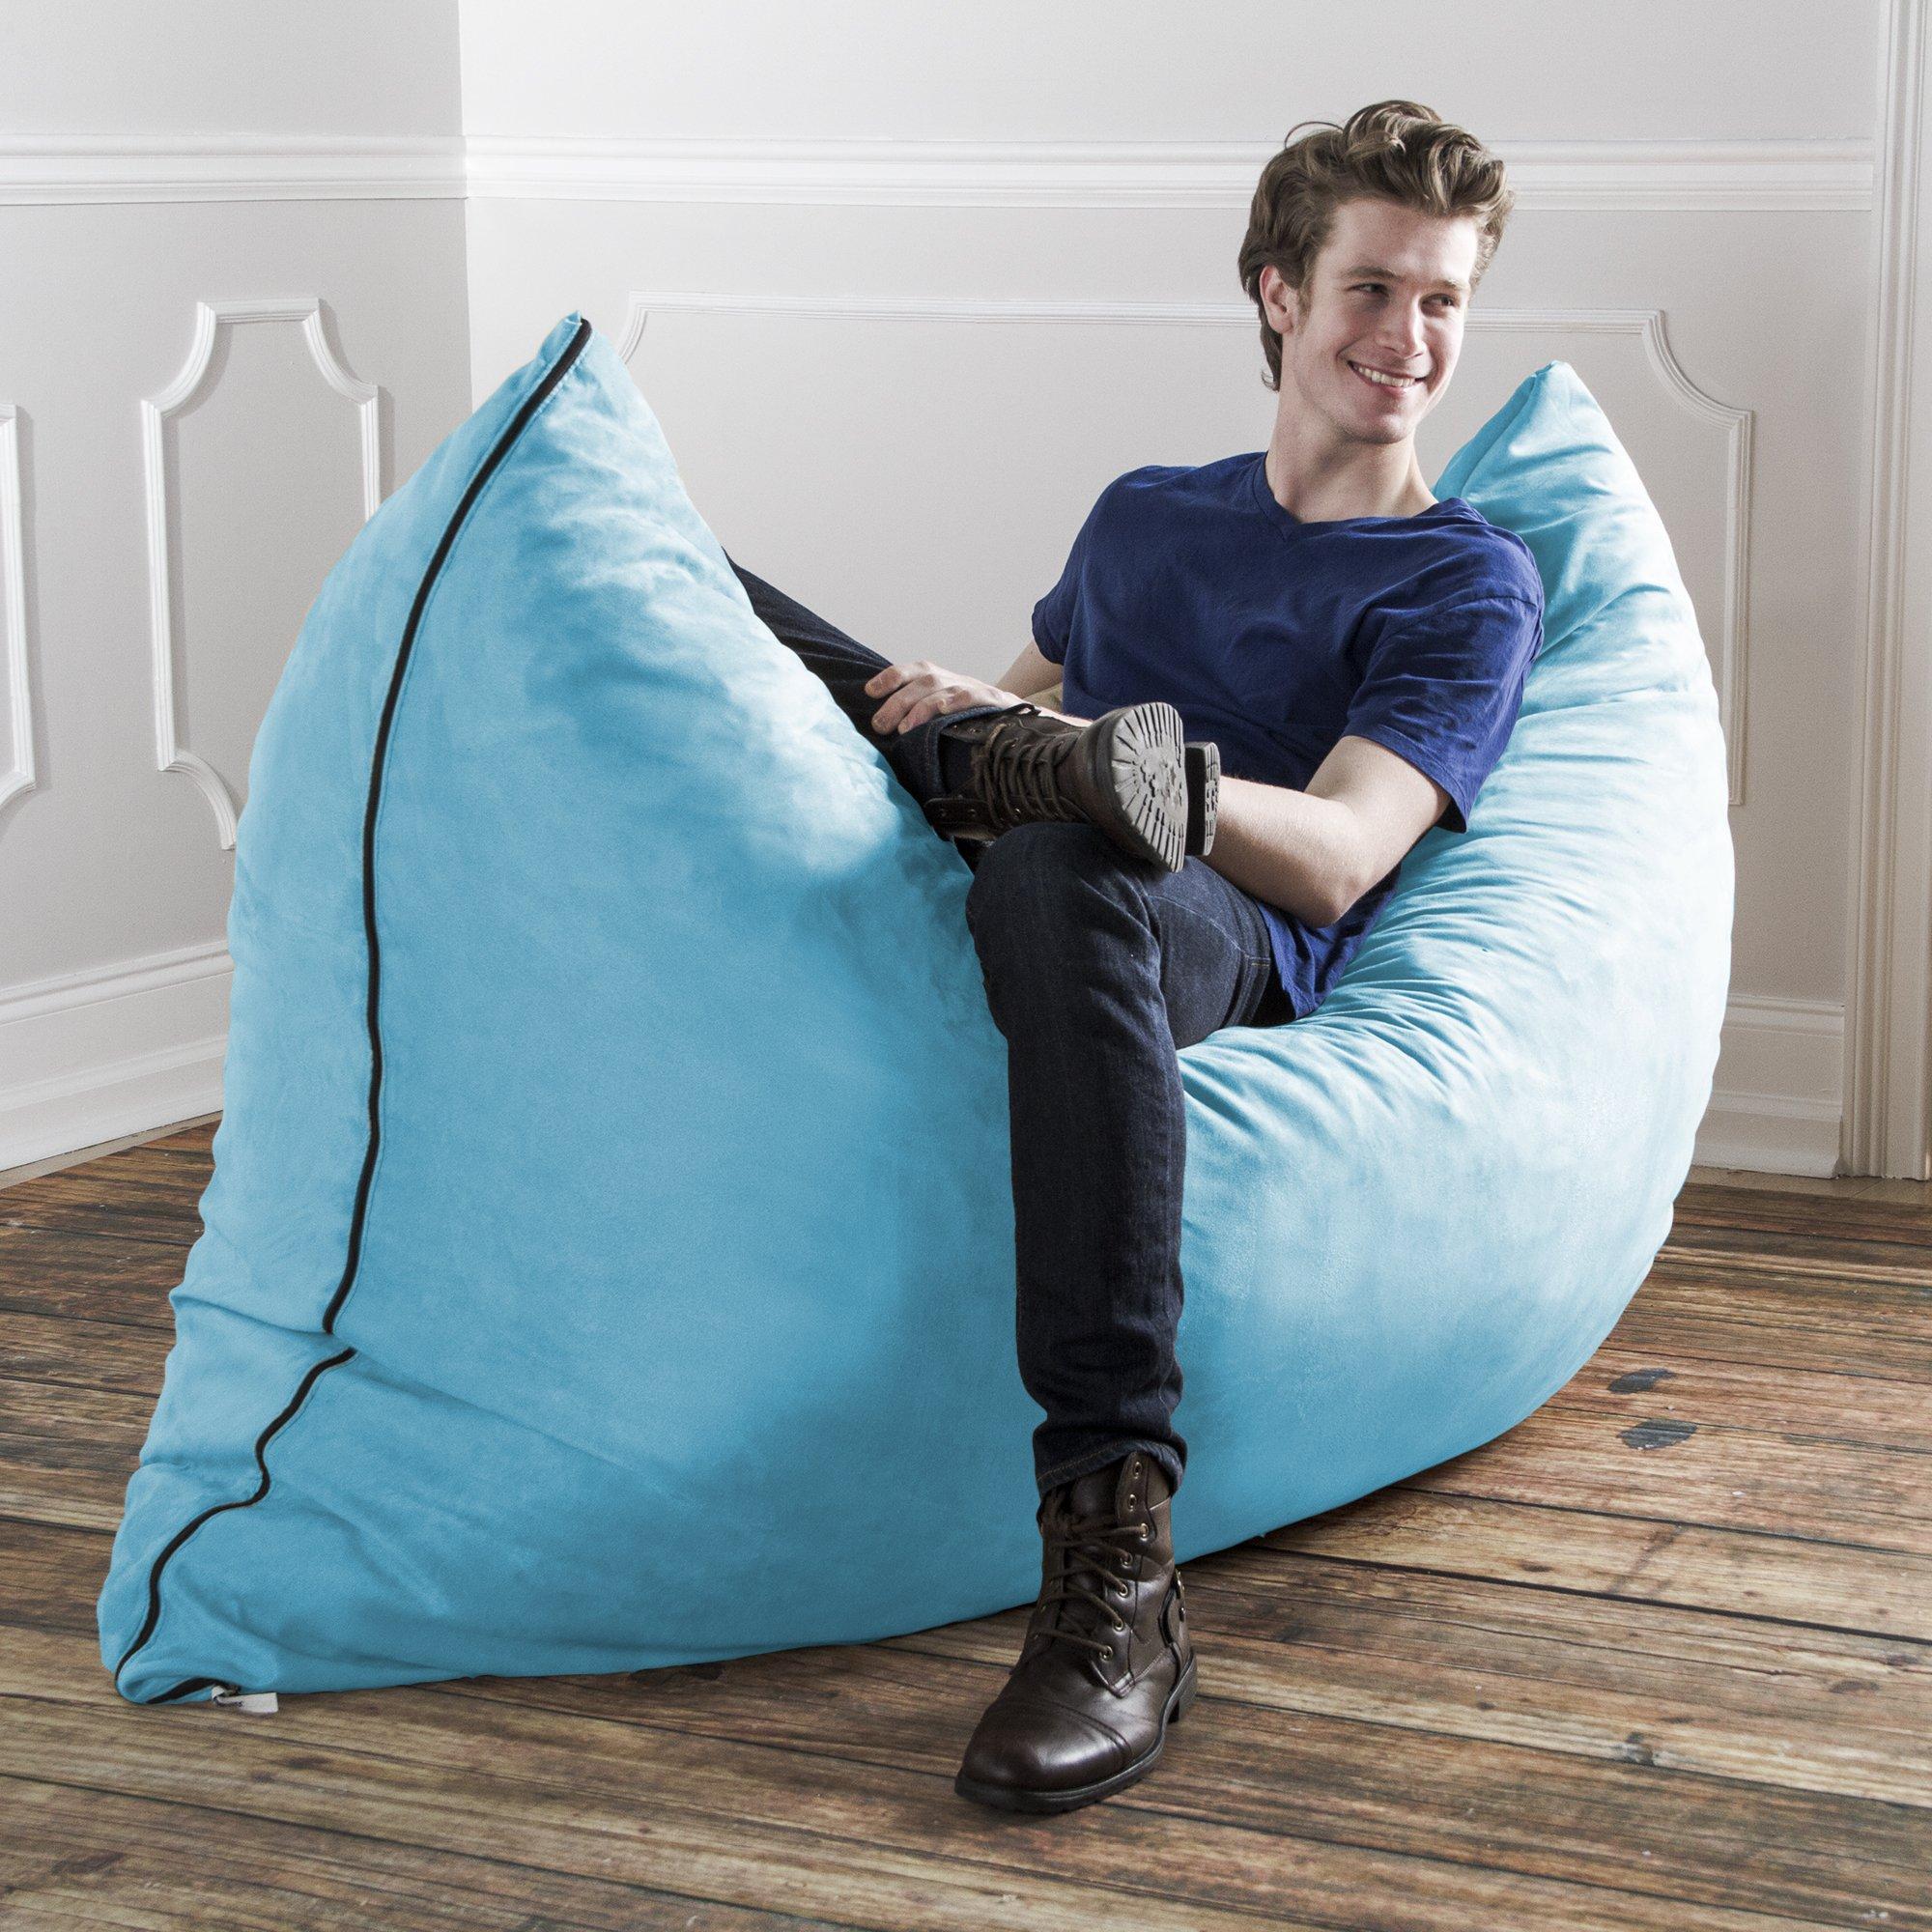 Jaxx Pillow Saxx 5.5-Foot - Huge Bean Bag Floor Pillow and Lounger, Aqua